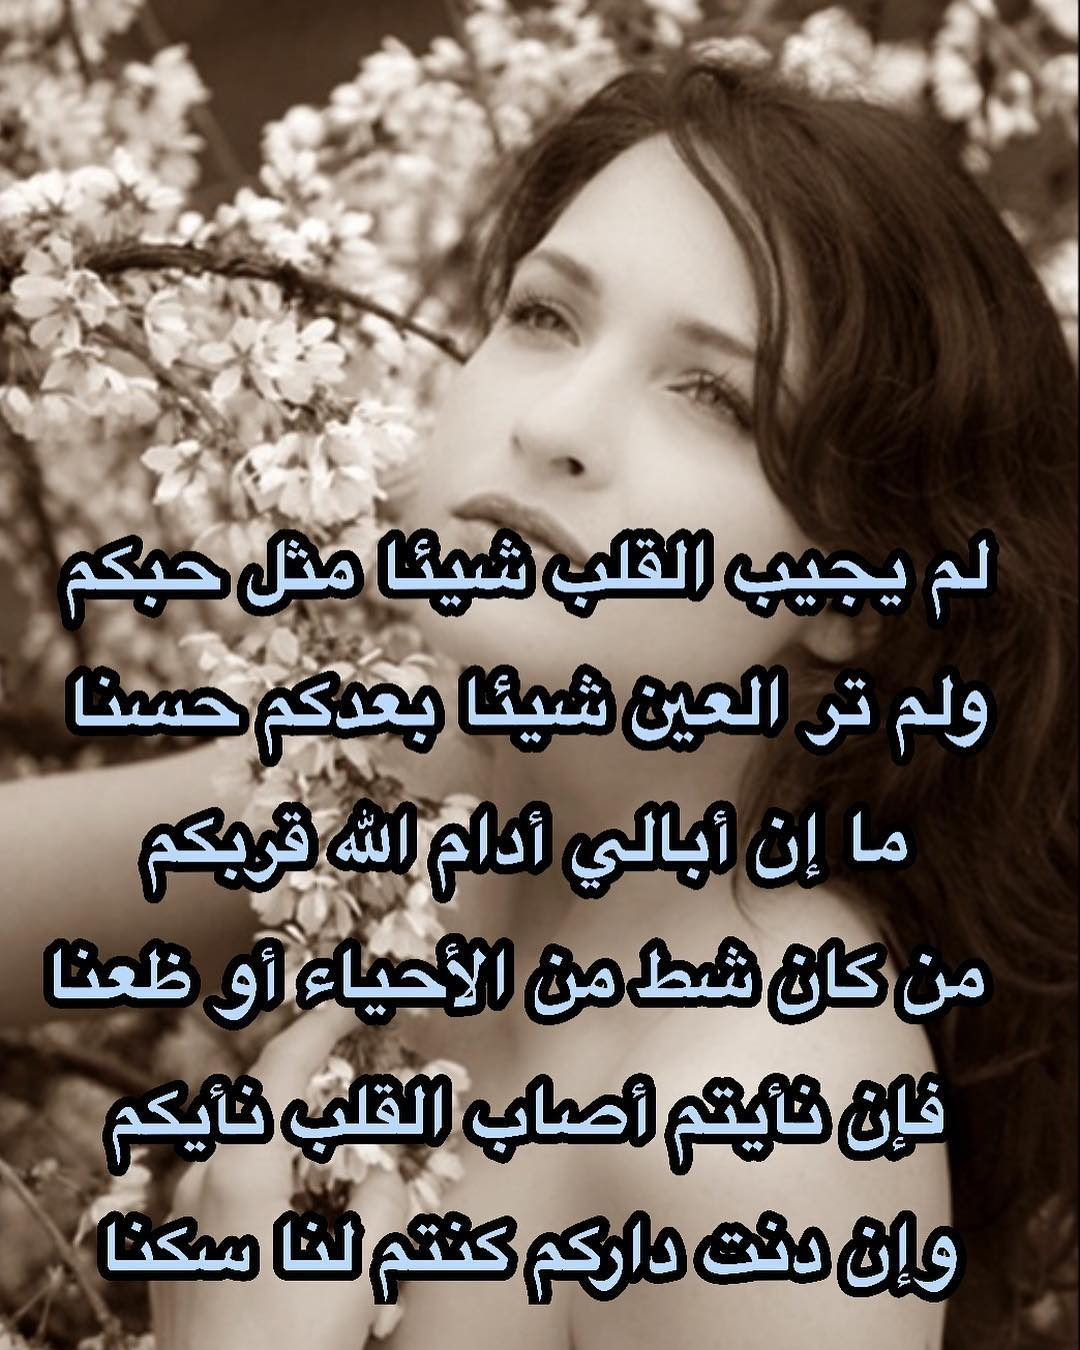 بالصور شعر صباح الخير حبيبي , ابيات شعر لحبيبى فى الصباح 1987 6